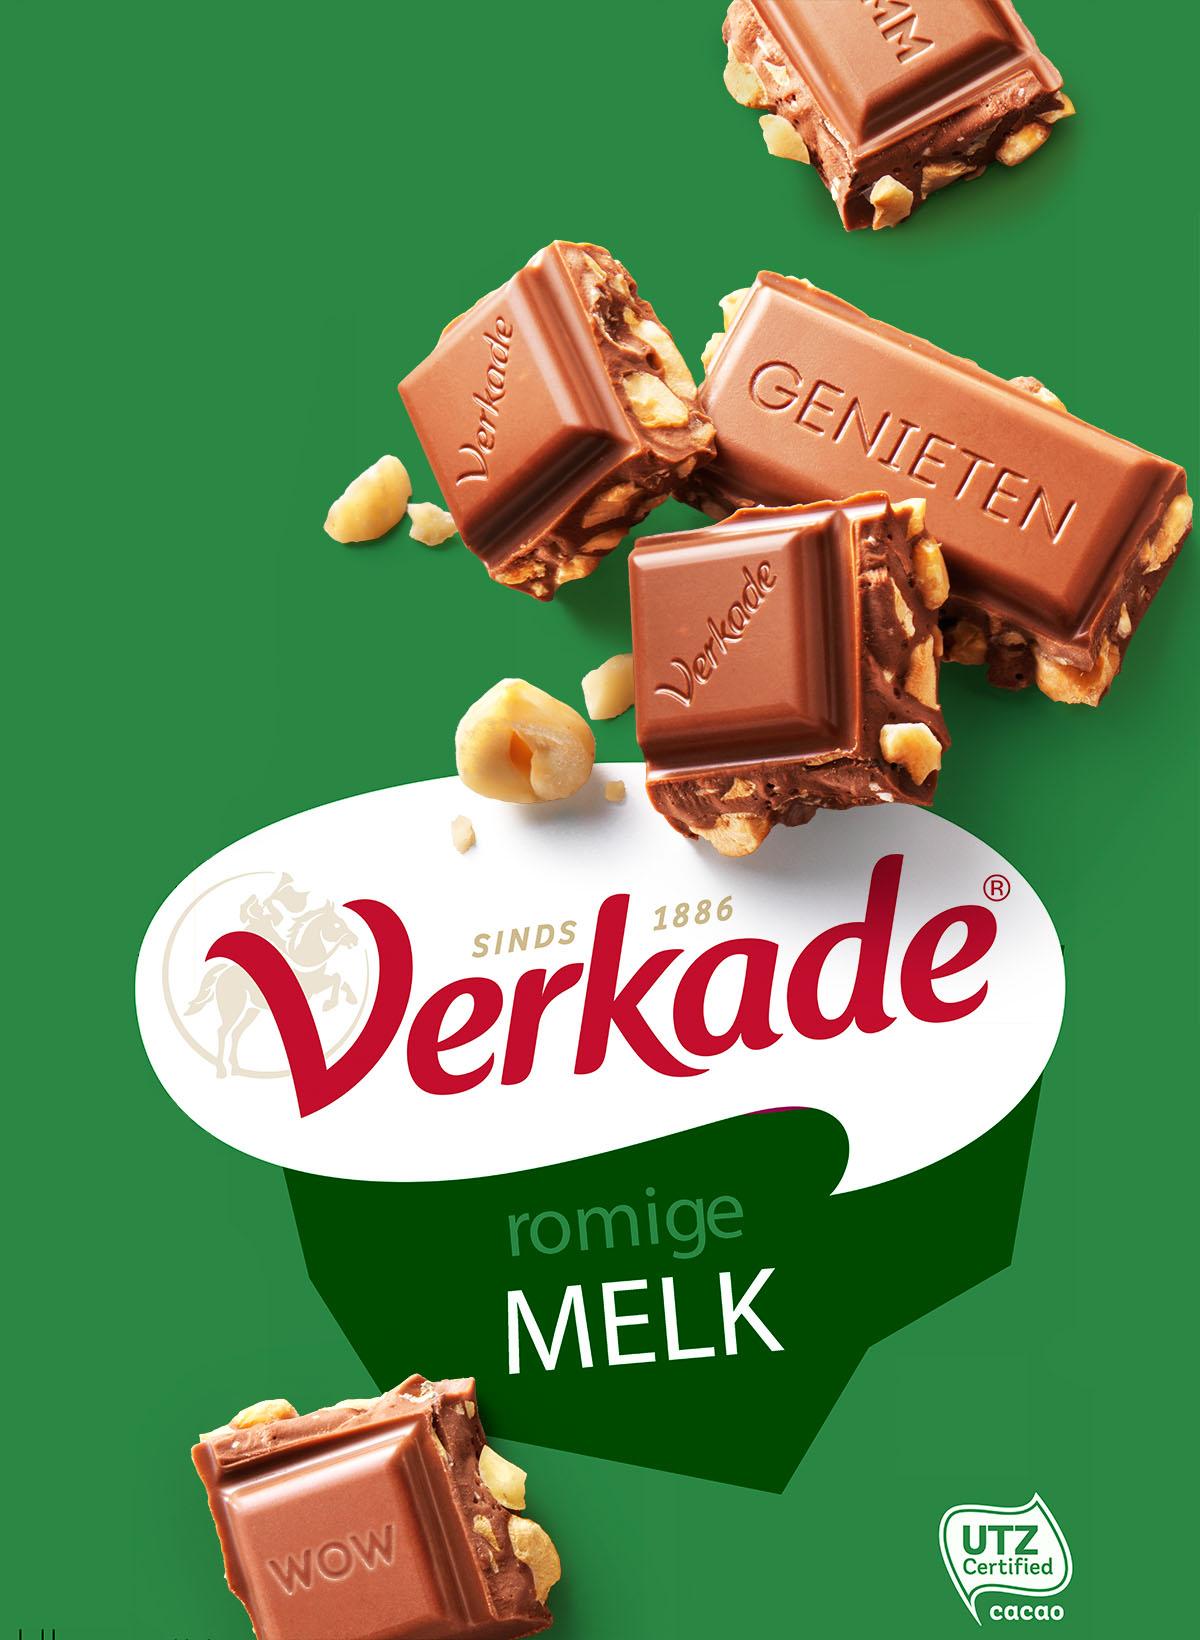 Packaging fotografie van Verkade's hazelnoot chocola gemaakt door Studio_m Fotografie Amsterdam